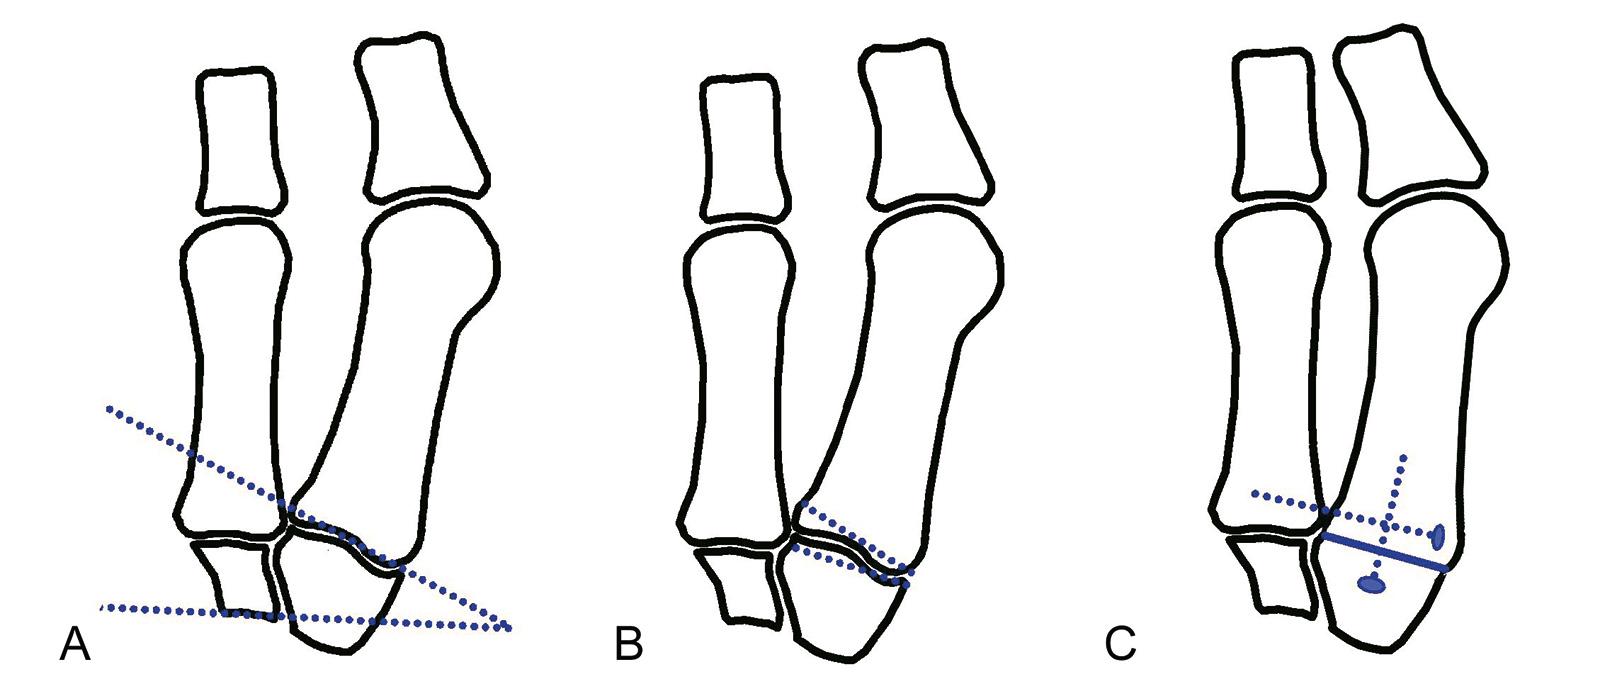 Abb. 6-7: Instabilität des Tarsometatarsalgelenks mit einer Gelenkneigung >15 Grad (A), Osteotomie (B) und Schraubenarthrodese in der Technik nach Lapidus (C), alternativ: Plattenosteotosynthese